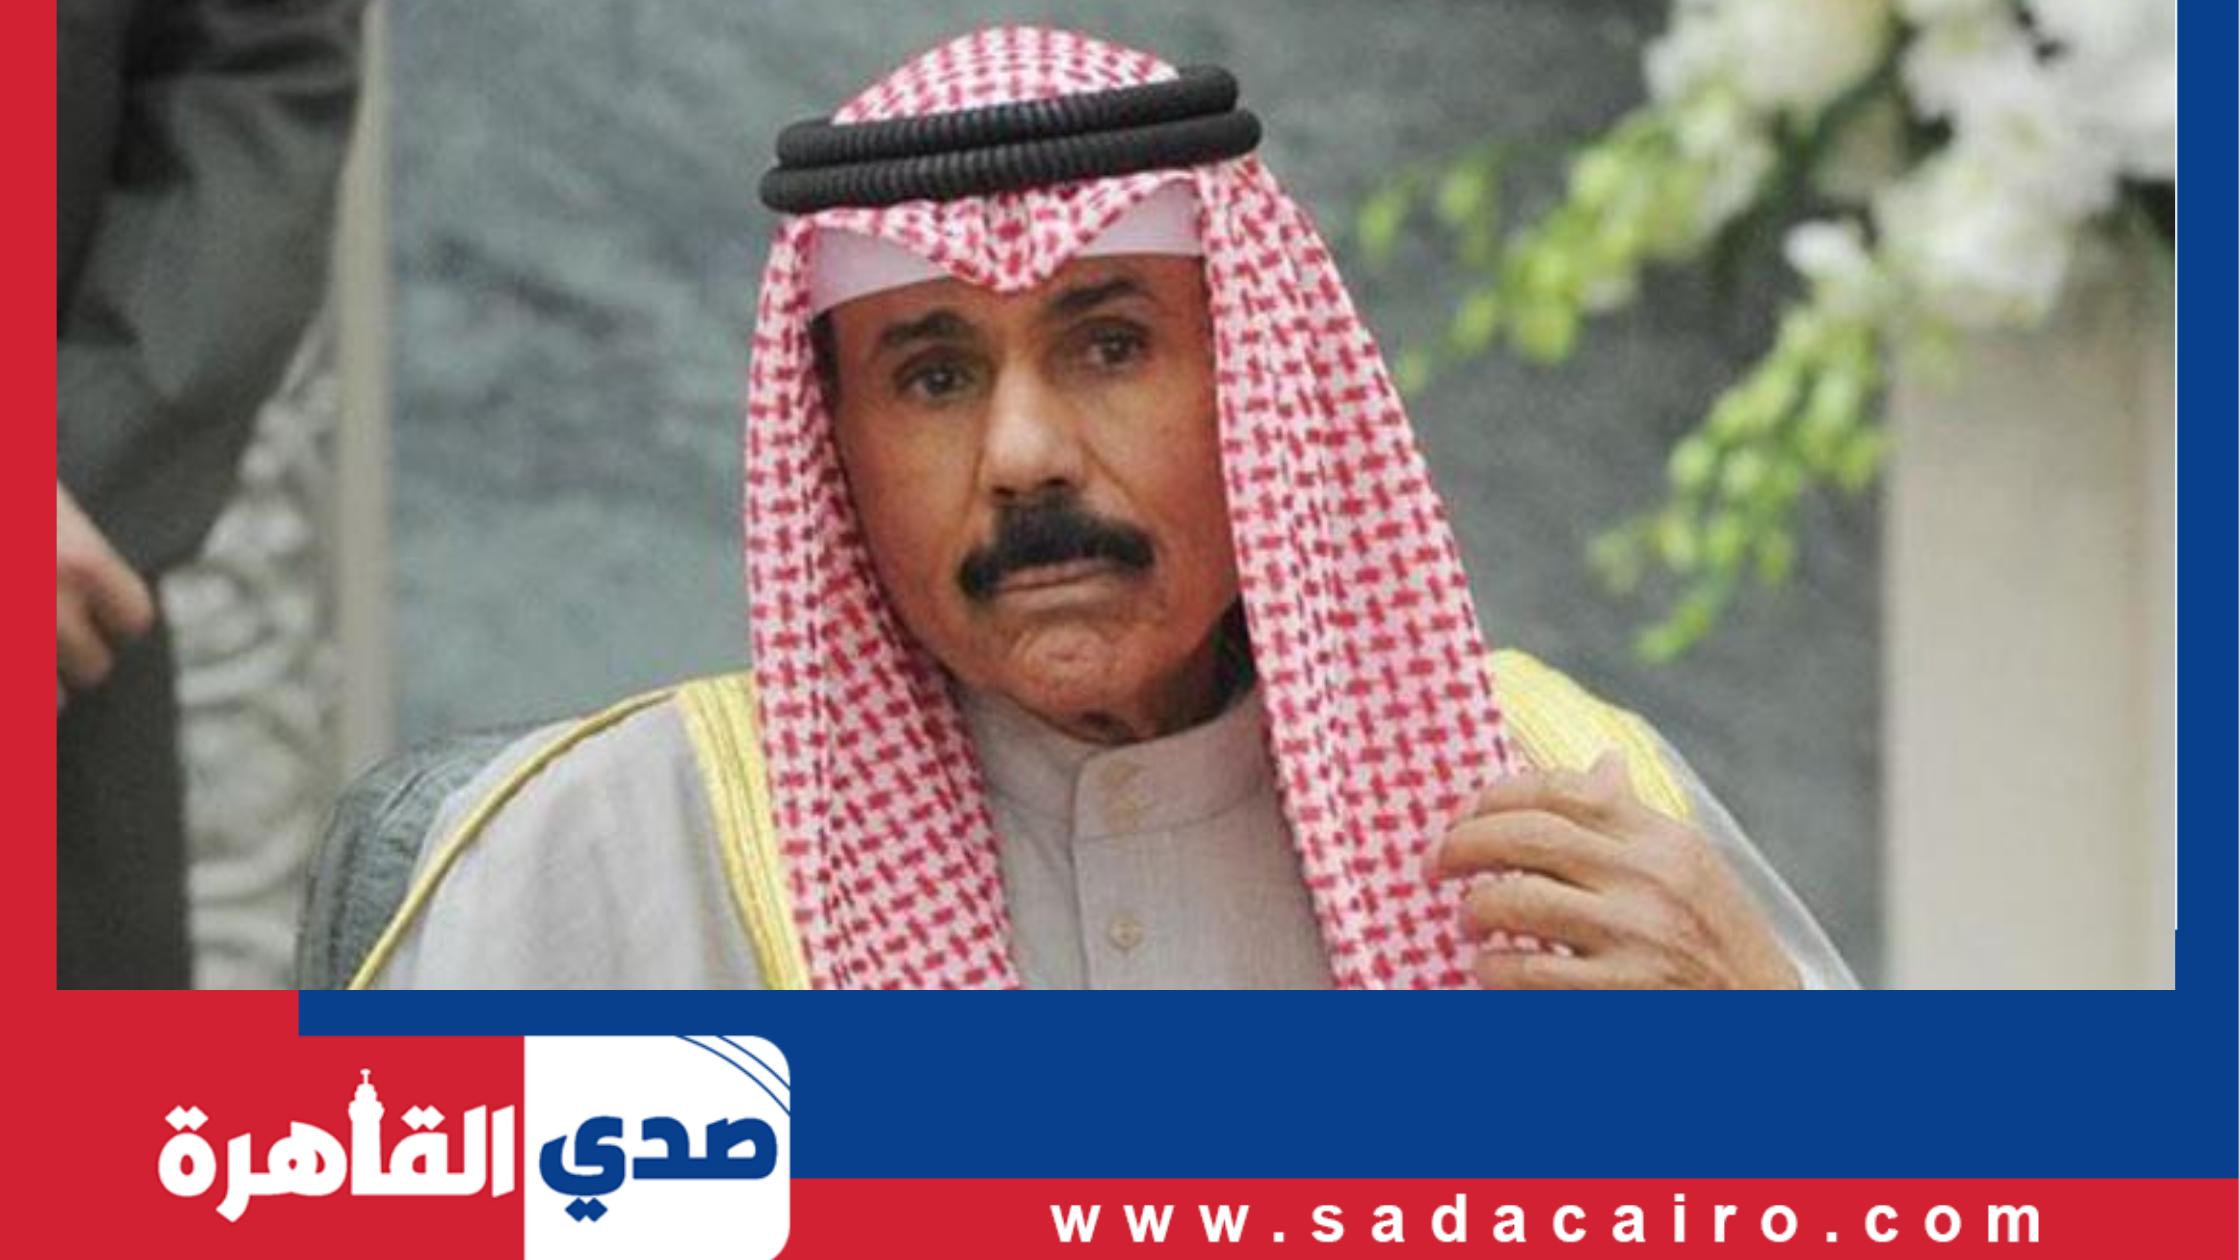 الديوان الأميري في الكويت يعلن وفاة الشيخة بشرى جراح صباح